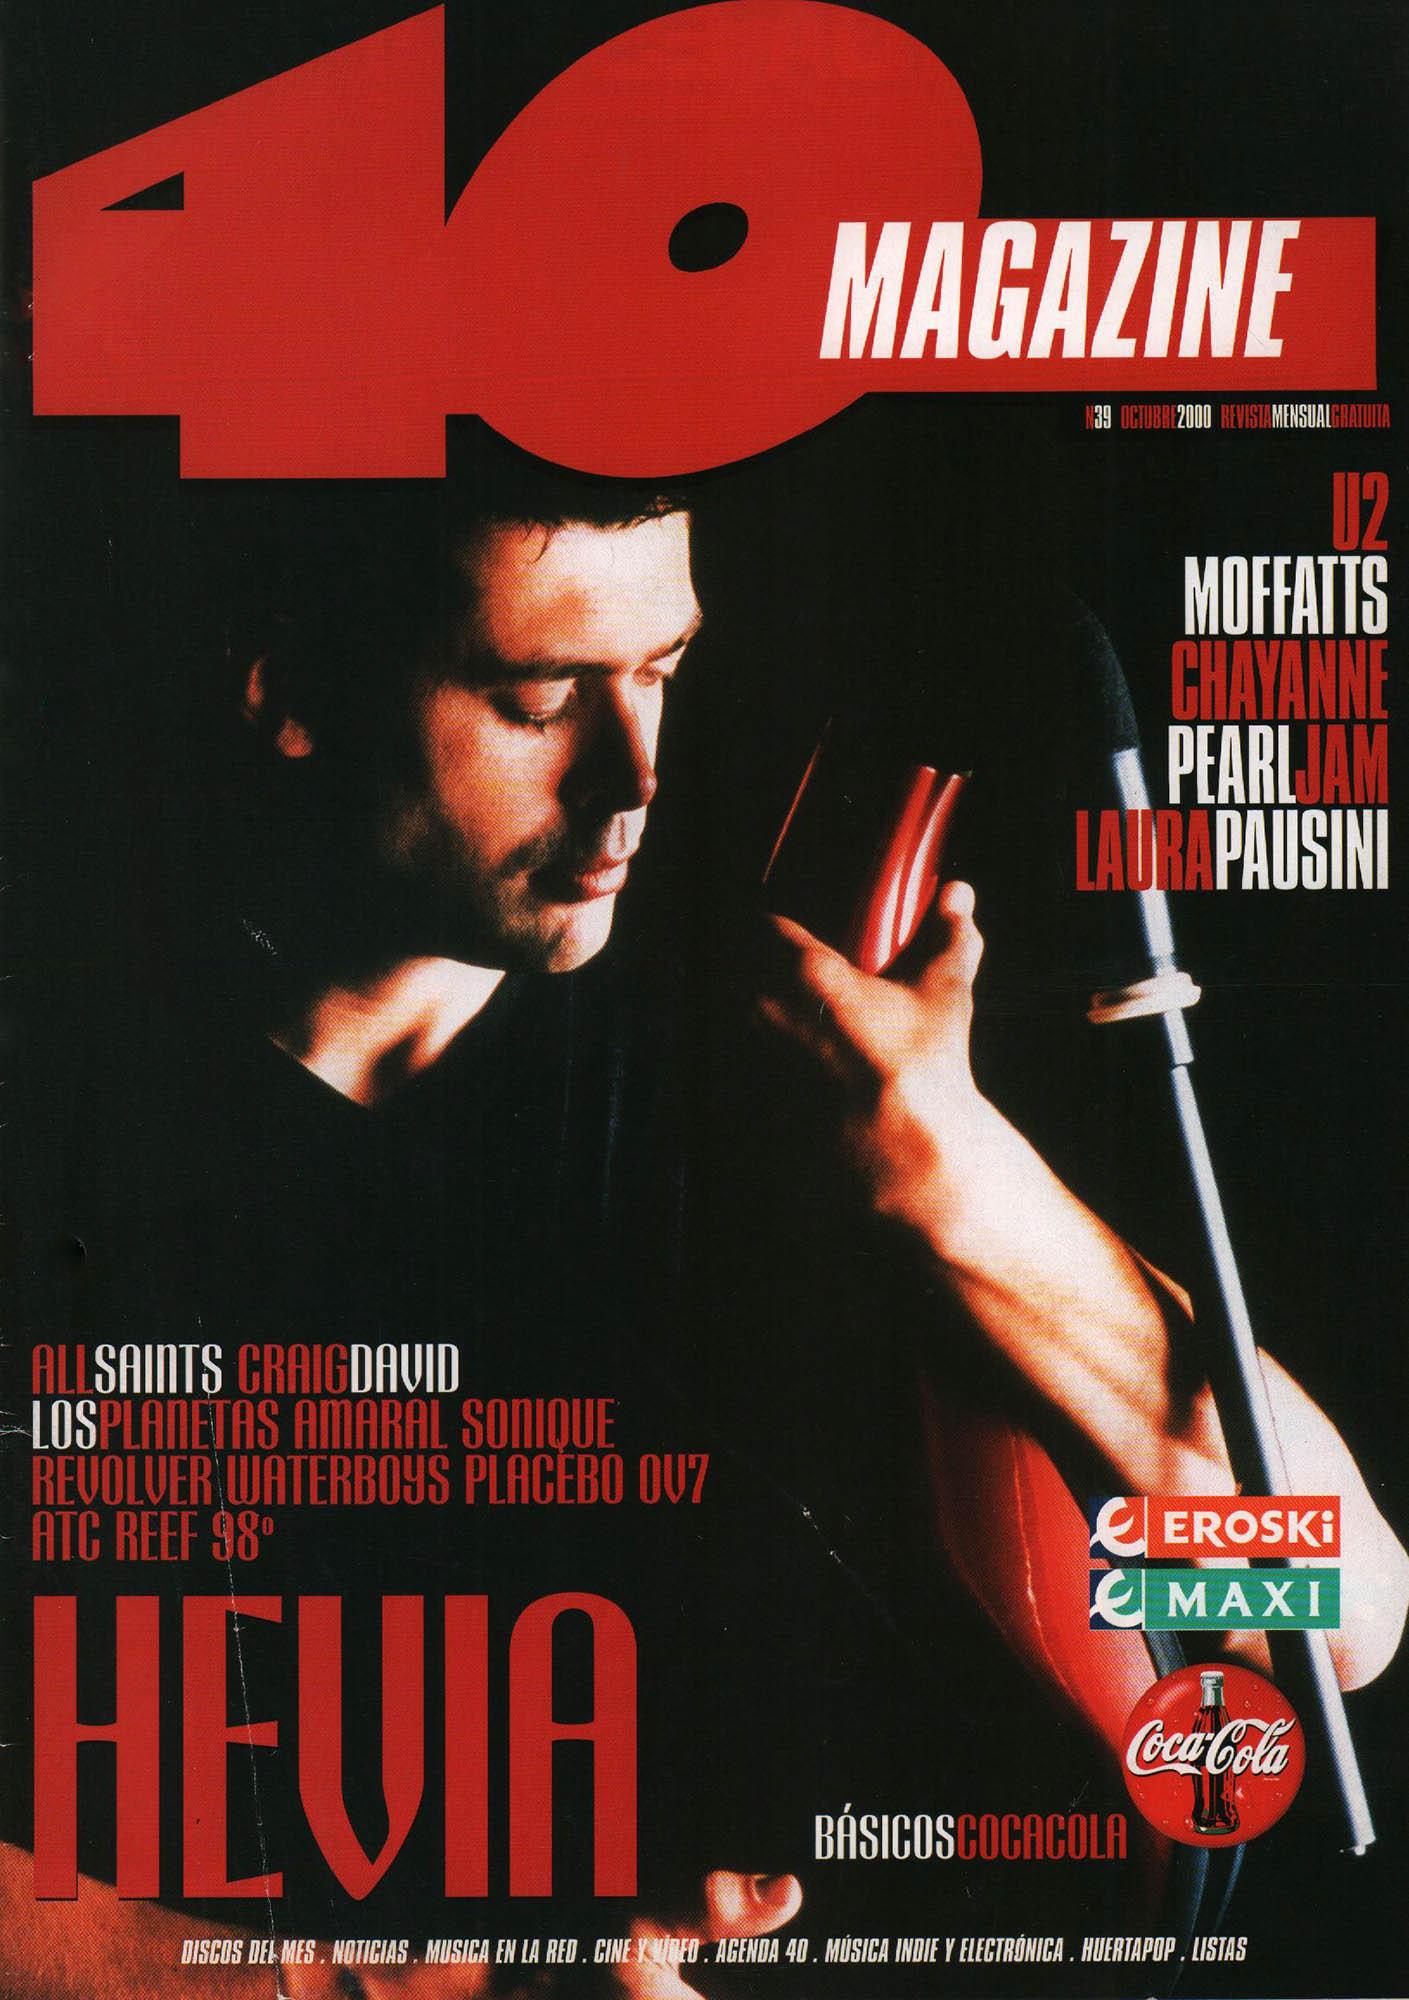 Hevia | 40 Magazine | oct 2000